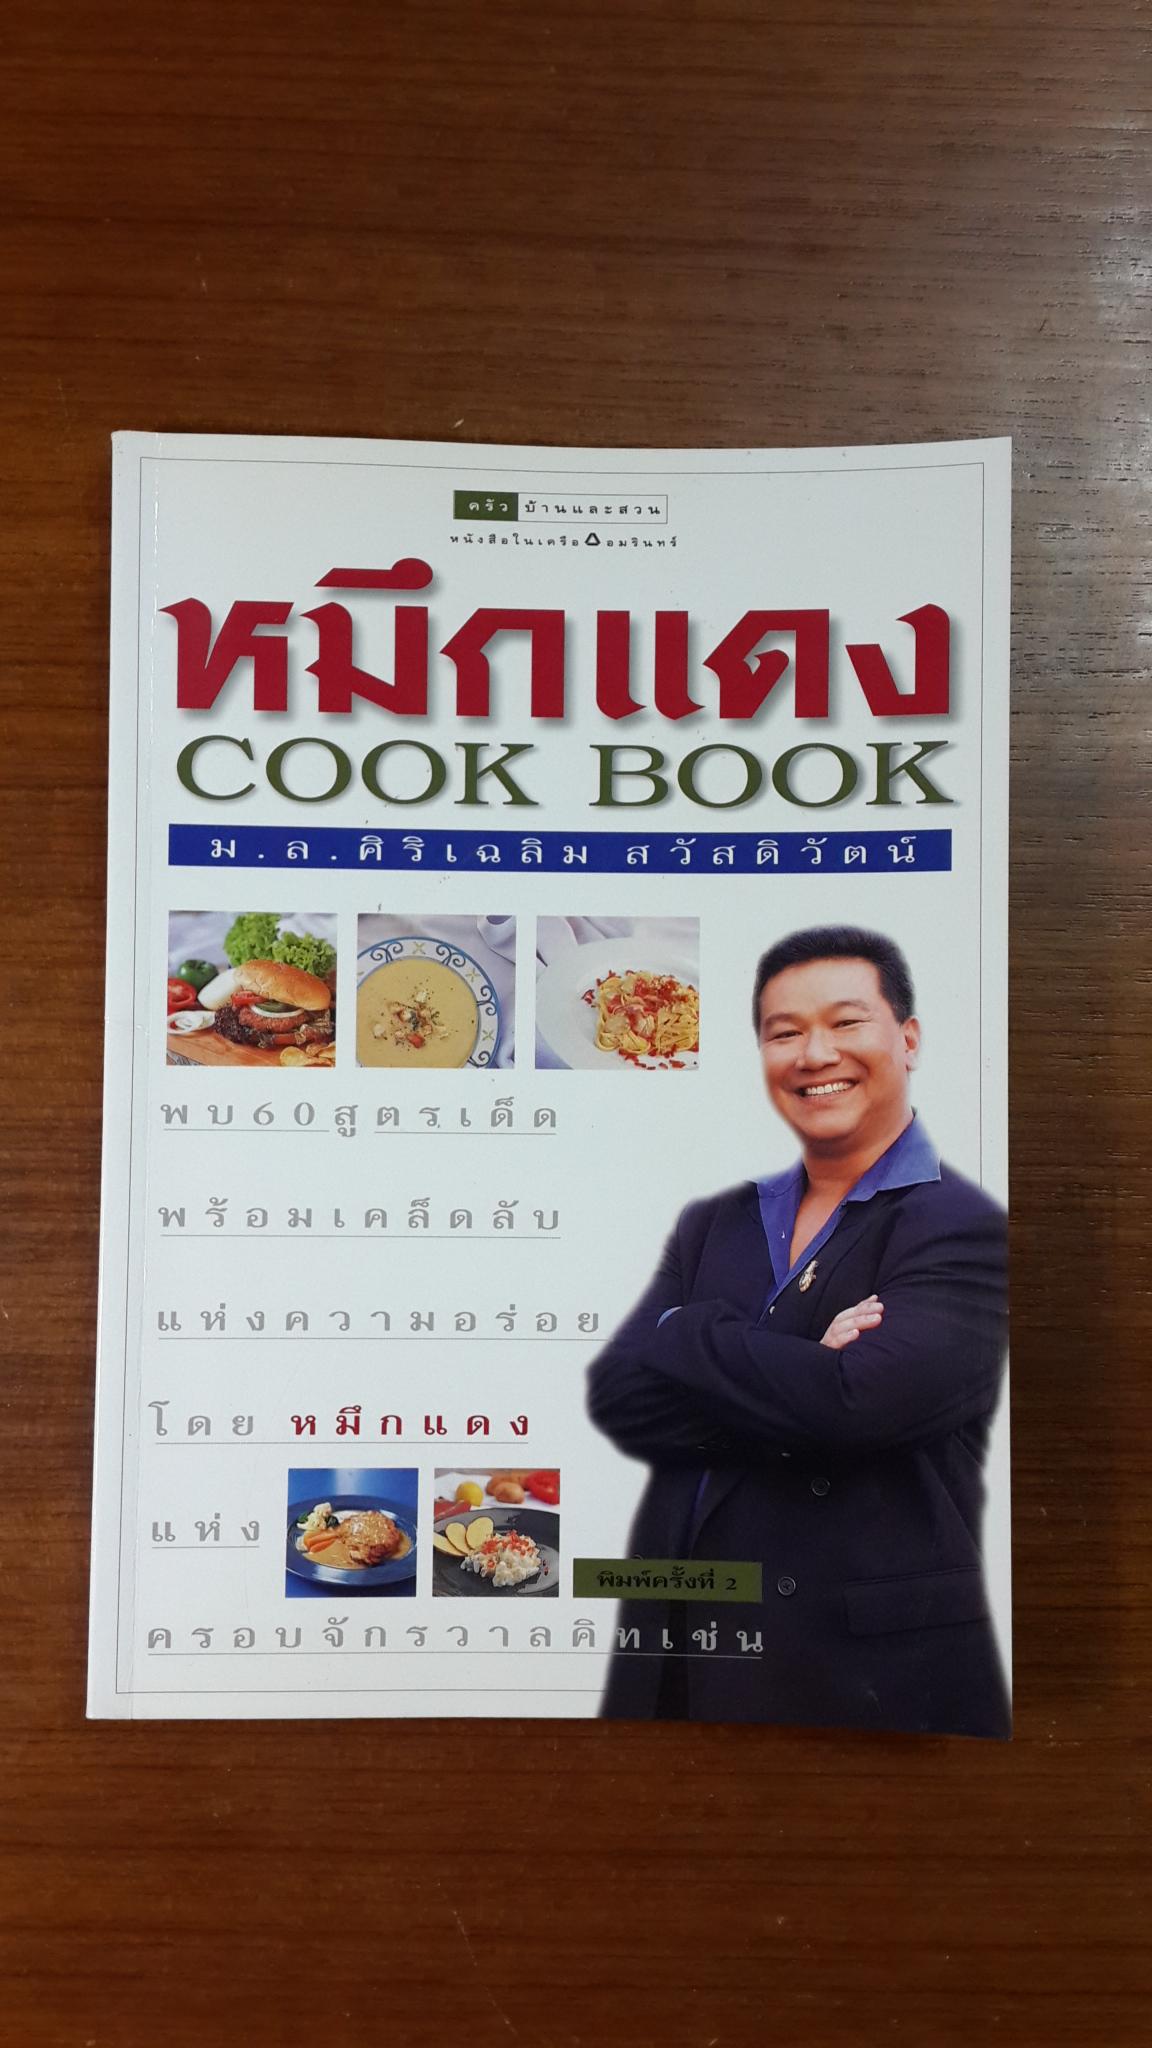 หมึกแดง COOK BOOK / ม.ล.ศิริเฉลิม สวัสดิวัตน์